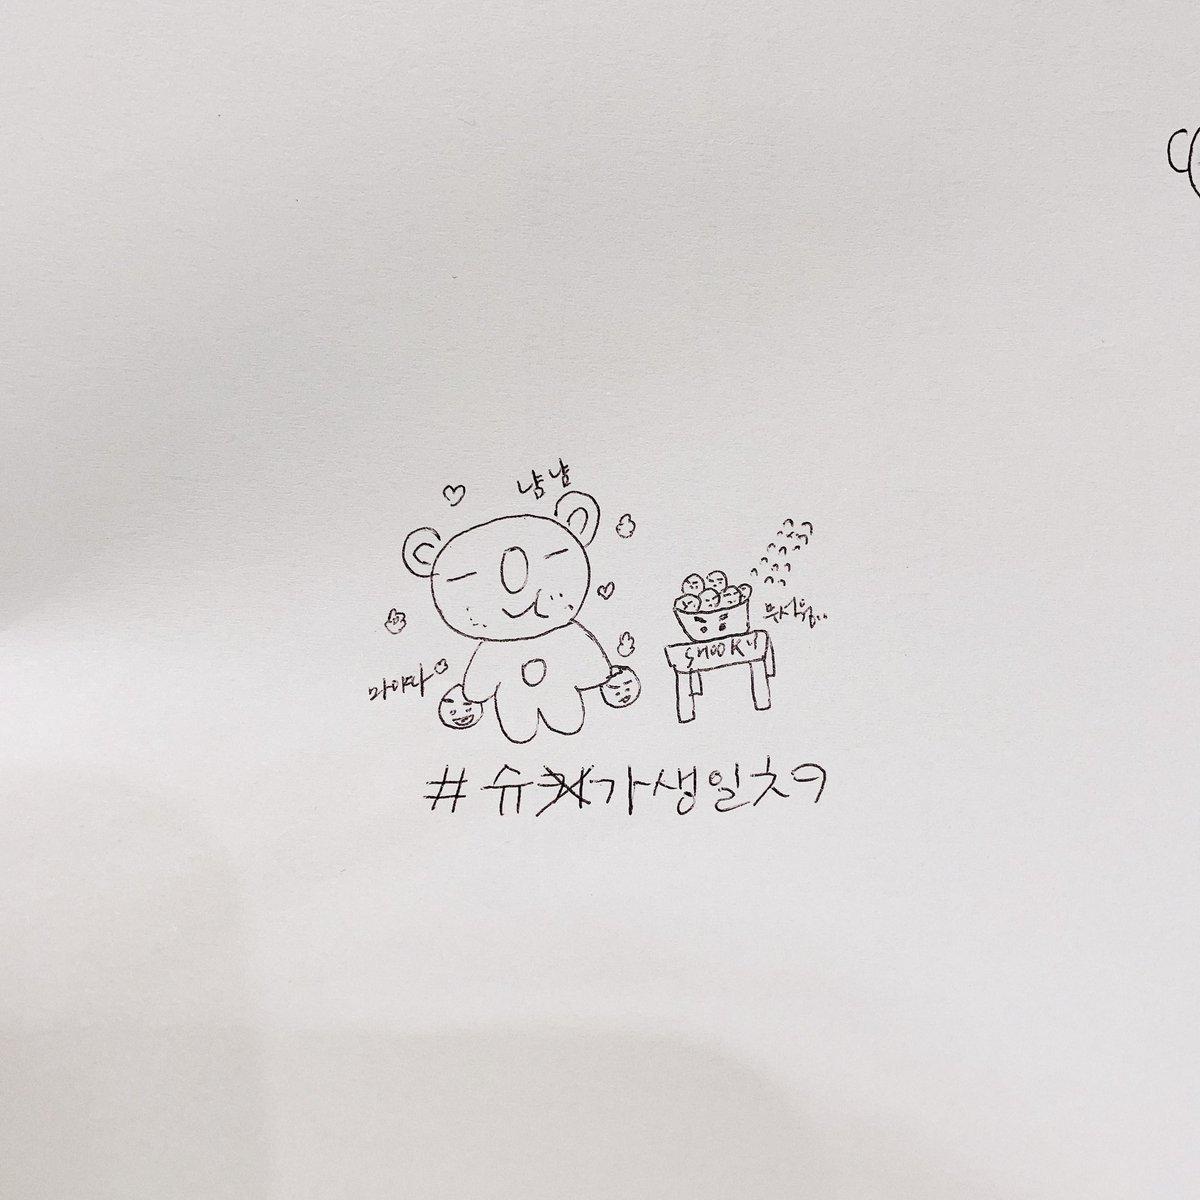 윤기야 형이야 생일축하한다 #남준 #슈가생일ㅊㅋ #냠냠 #마이따 #얌얌